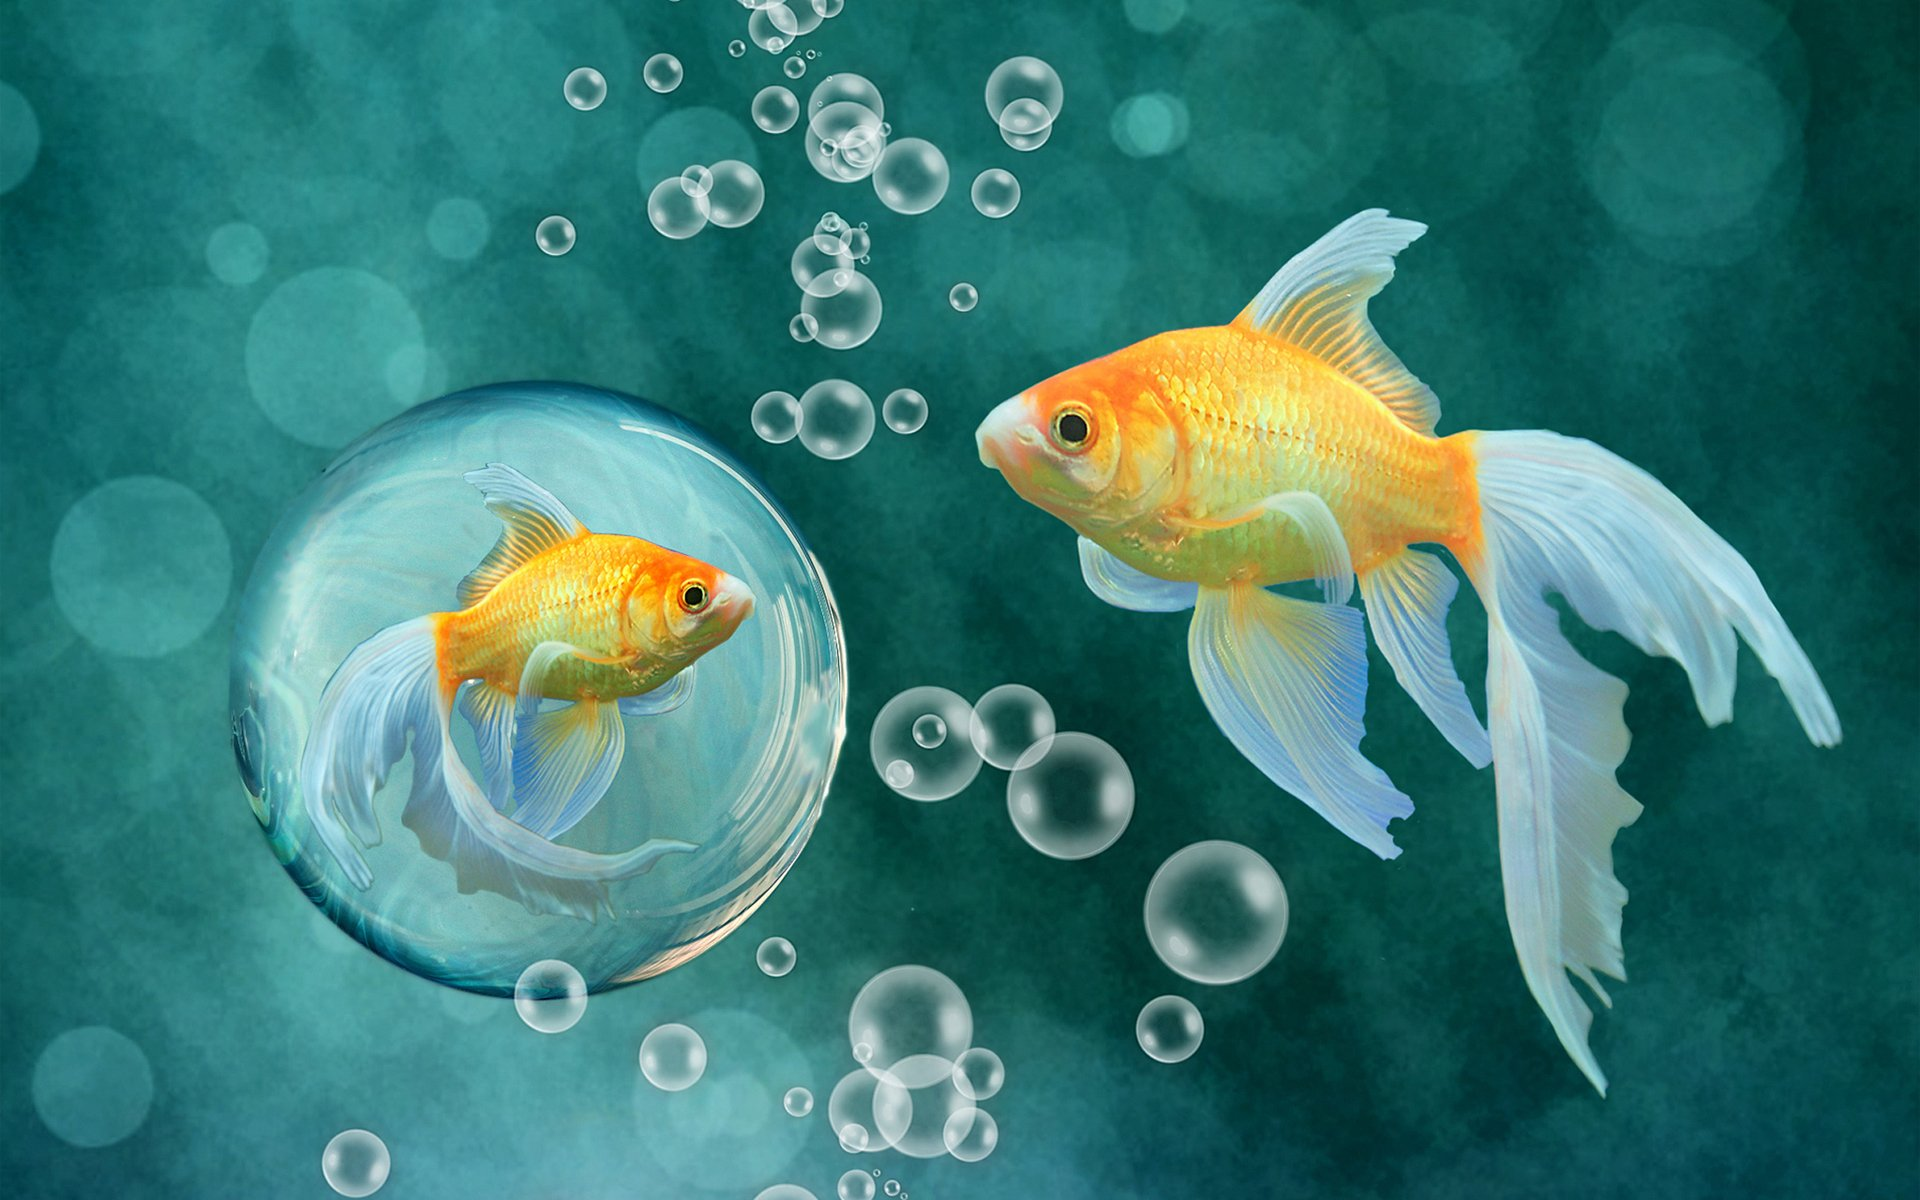 картинки на телефон с плавающими рыбками отлично снятая